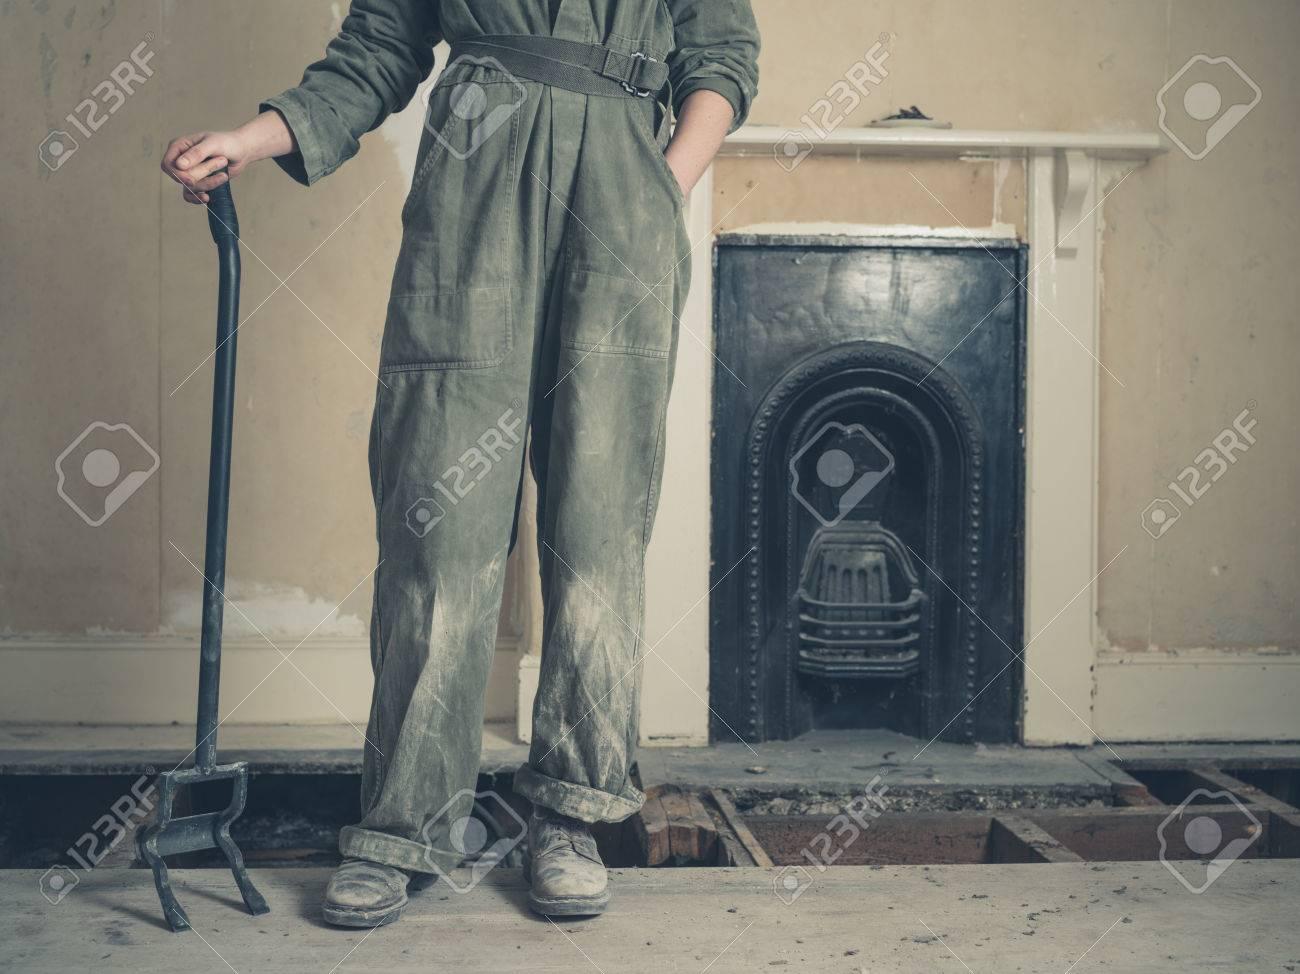 Ausgezeichnet Hausboiler Zeitgenössisch - Verdrahtungsideen - korsmi ...